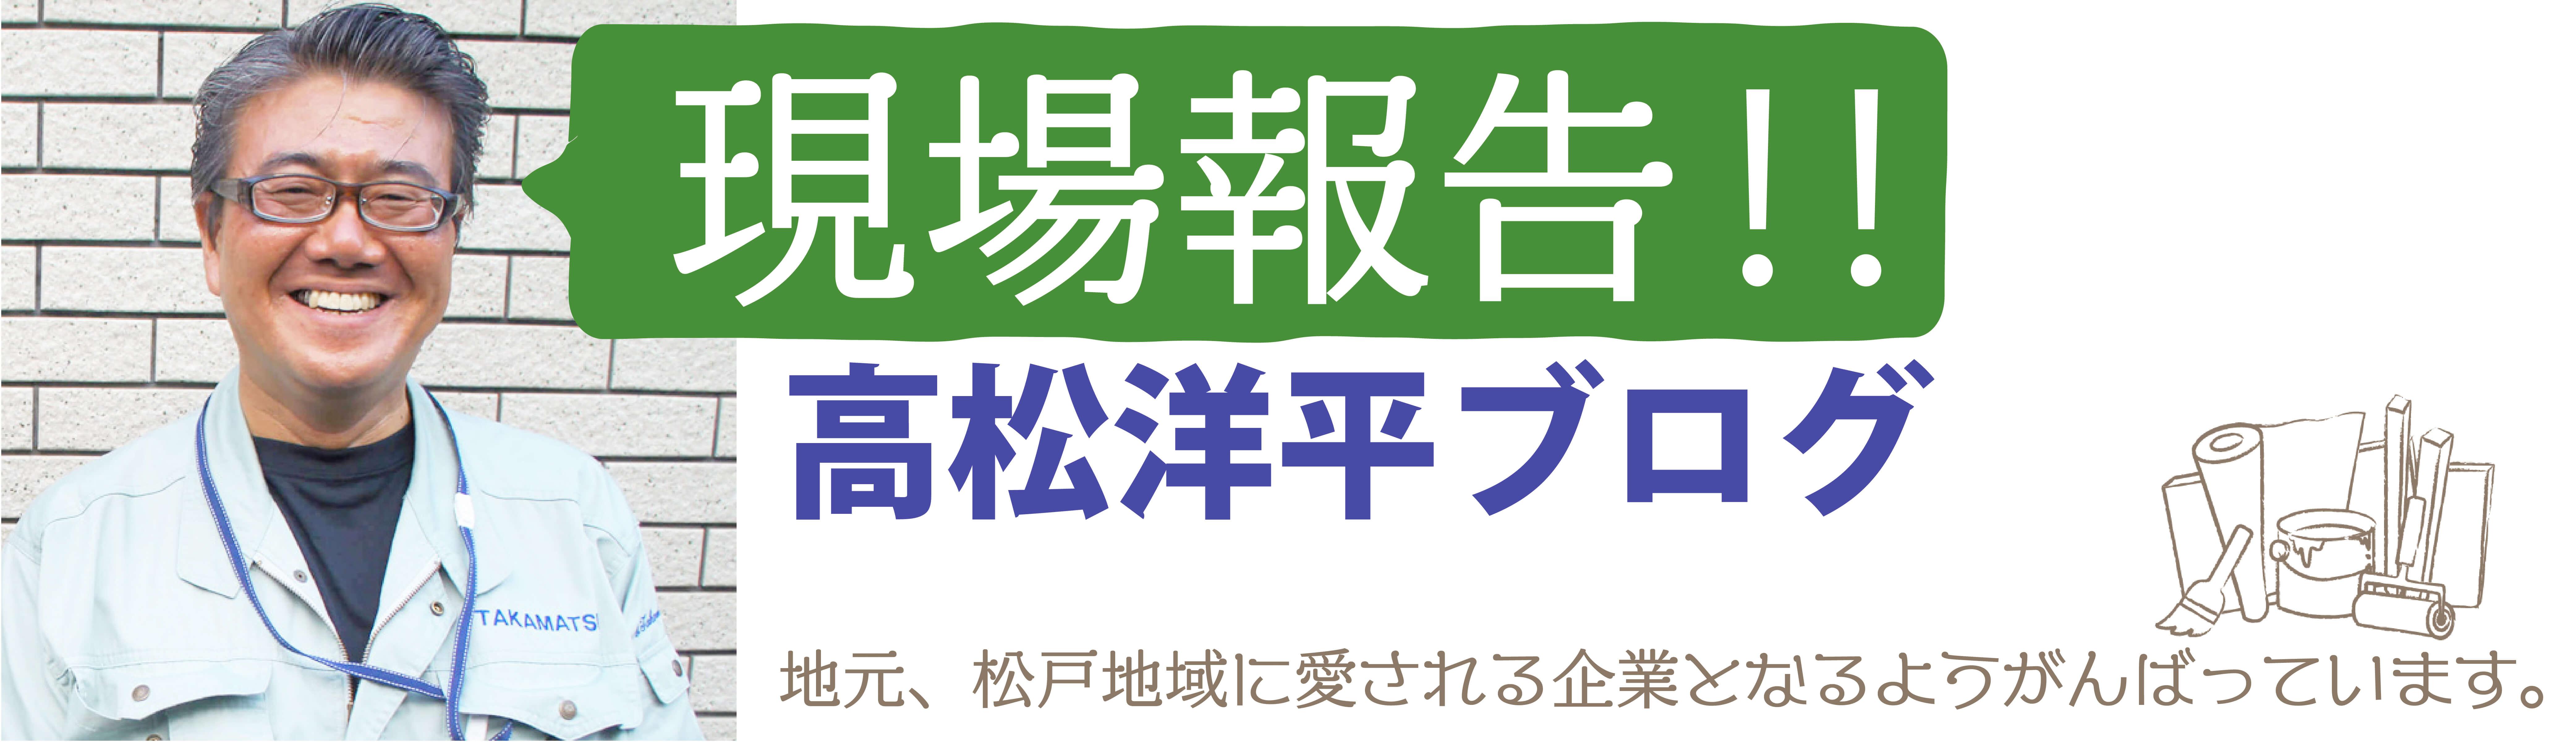 雨漏り診断士 高松洋平のブログ